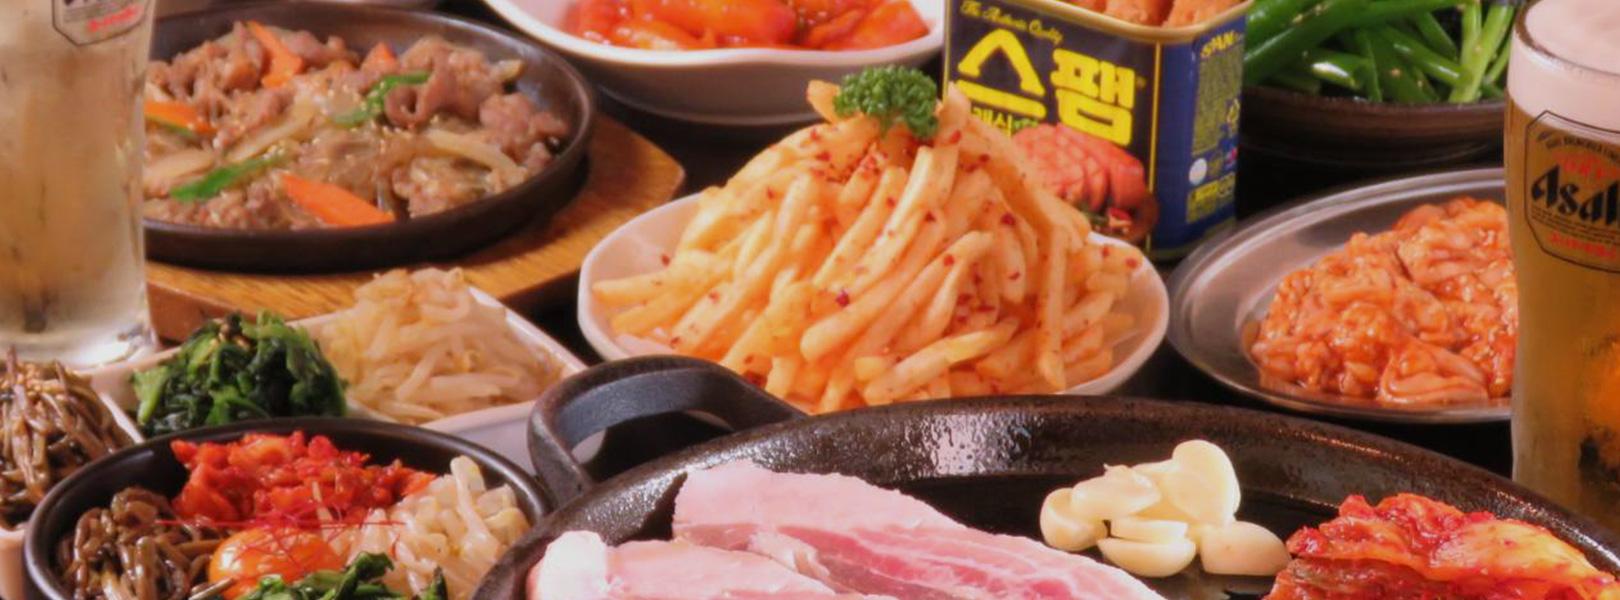 韓国料理全品298円!韓無量